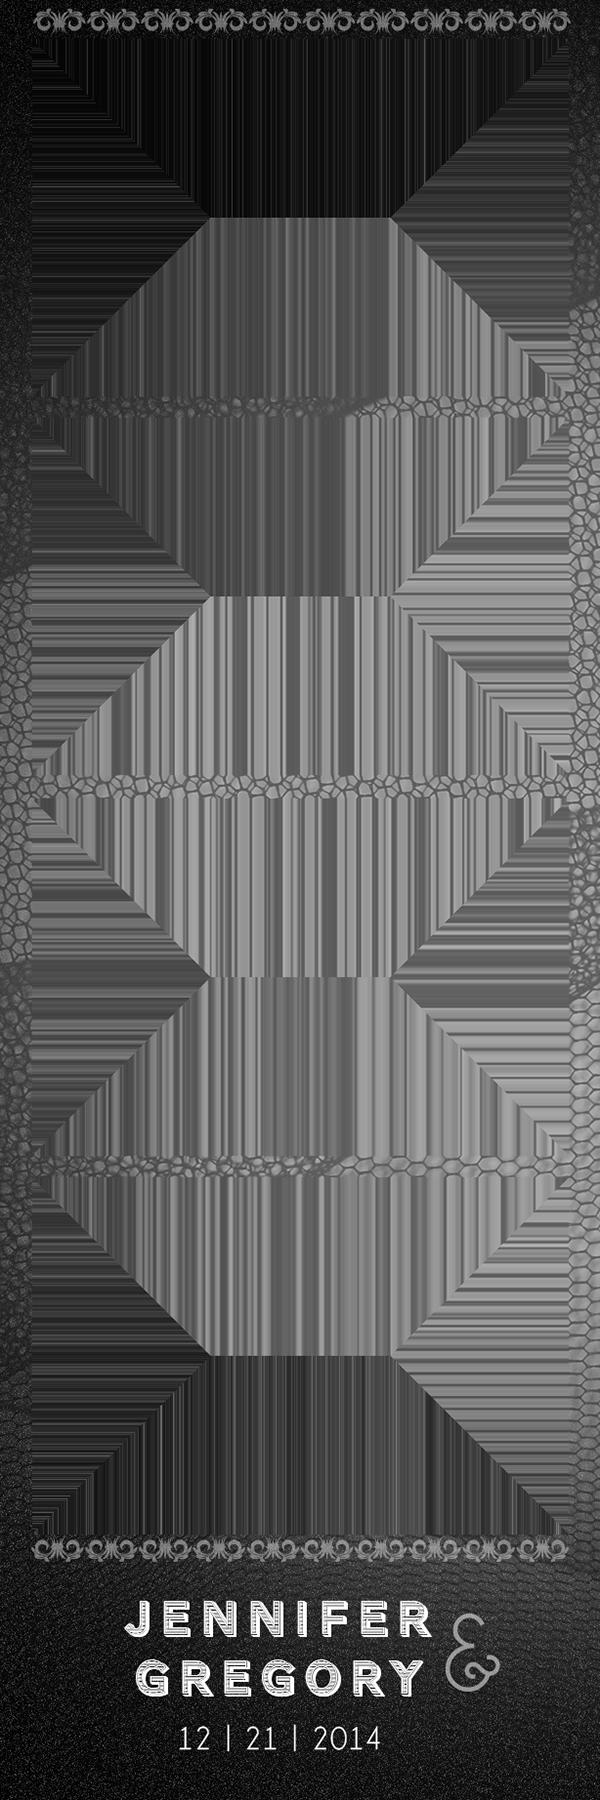 010B_BlackAndGrey_4UP_D1.png